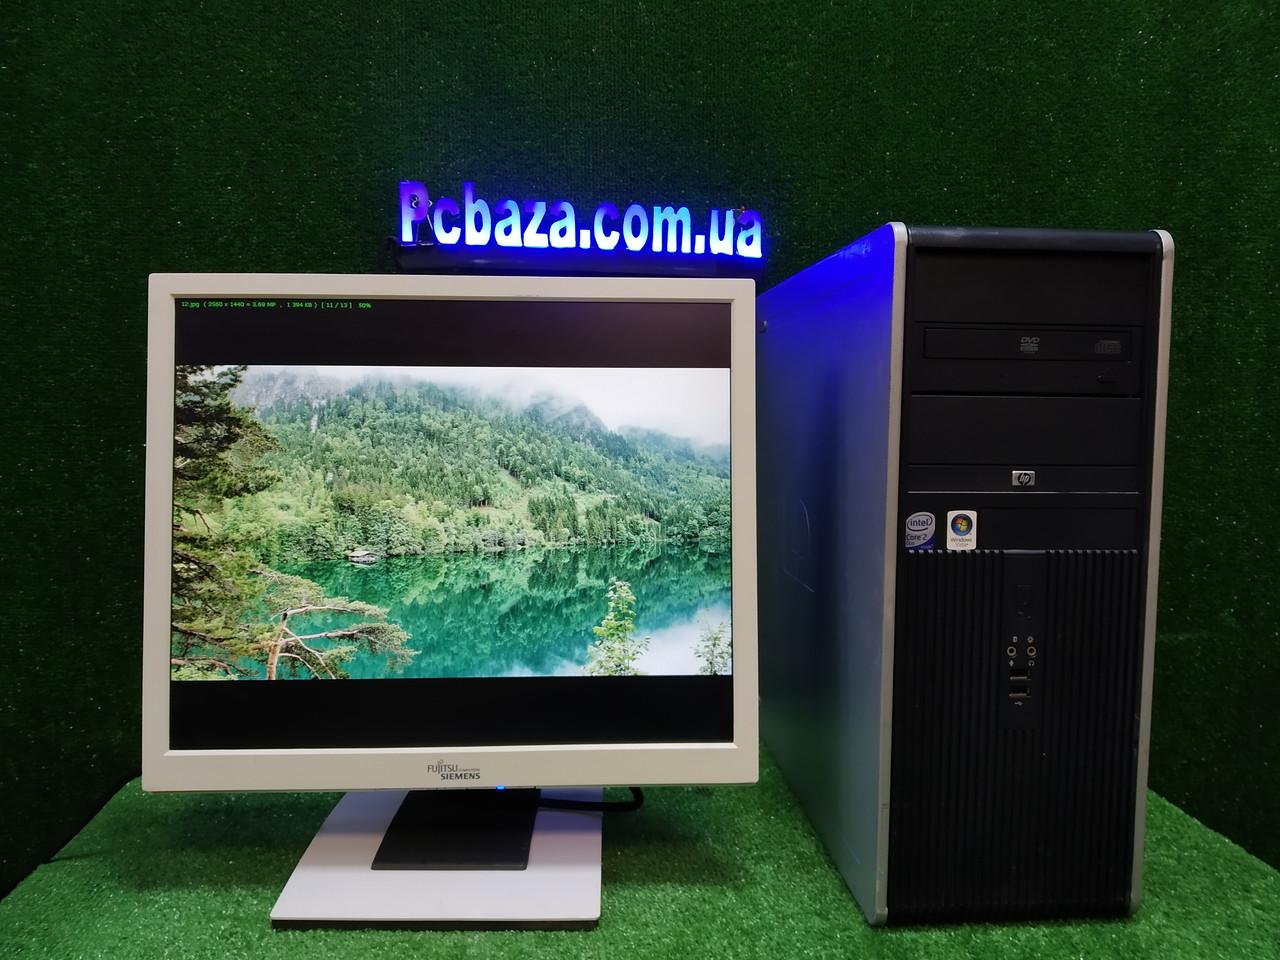 """ПК HP + мон 19"""", Intel E7500 2.93Ггц, 4 ГБ, 160 ГБ Настроен! Есть Опт! Гарантия!"""